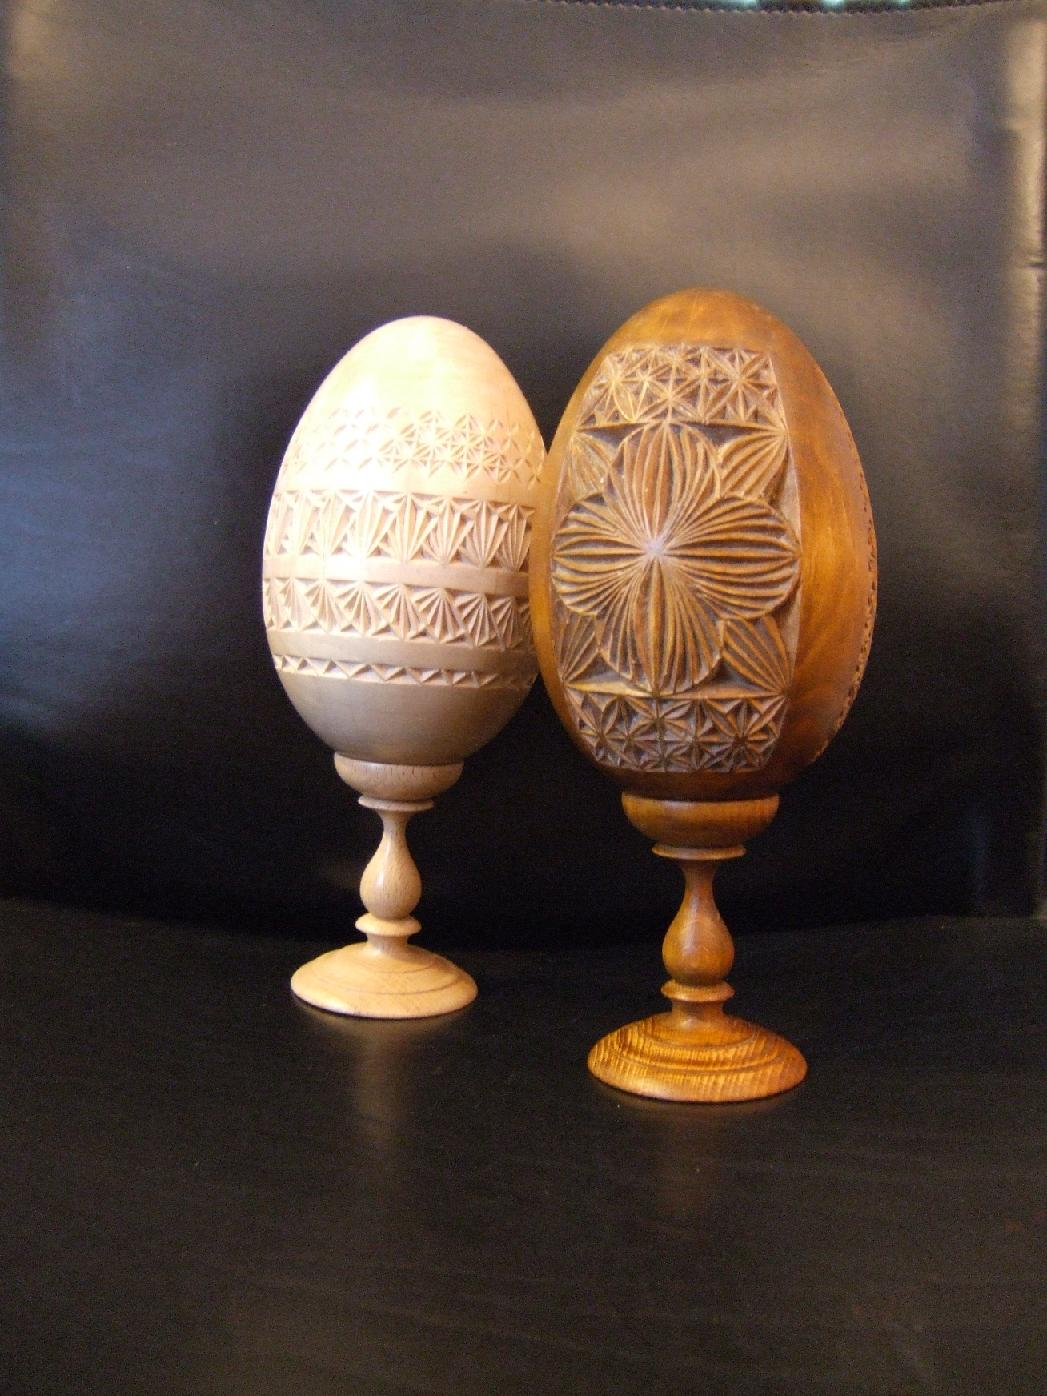 Uova ma non di gallina per un regalo pasquale veramente for Porta uova